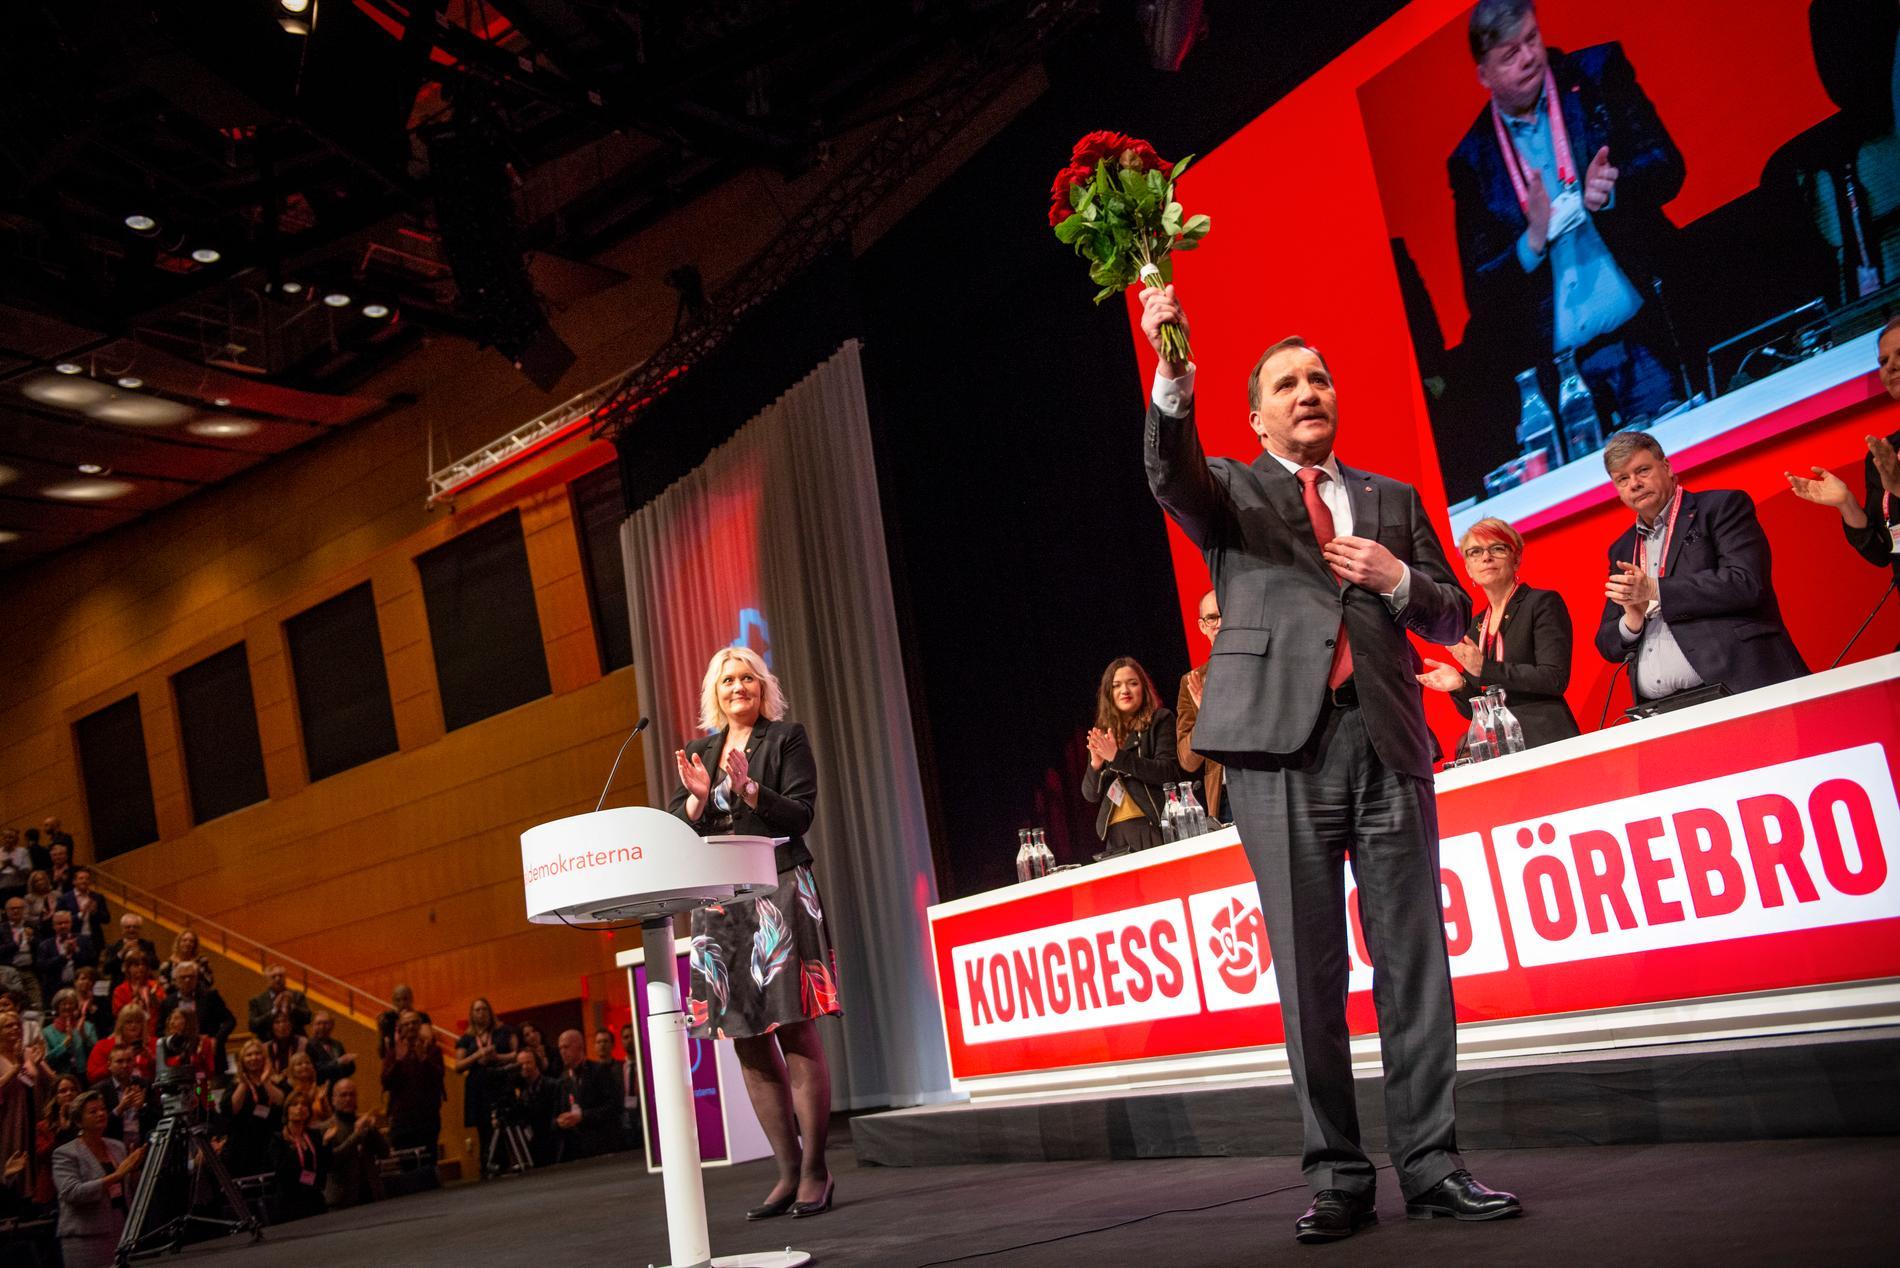 Socialdemokraternas partiledare Stefan Löfven (S) efter sitt tal på S-kongressen.